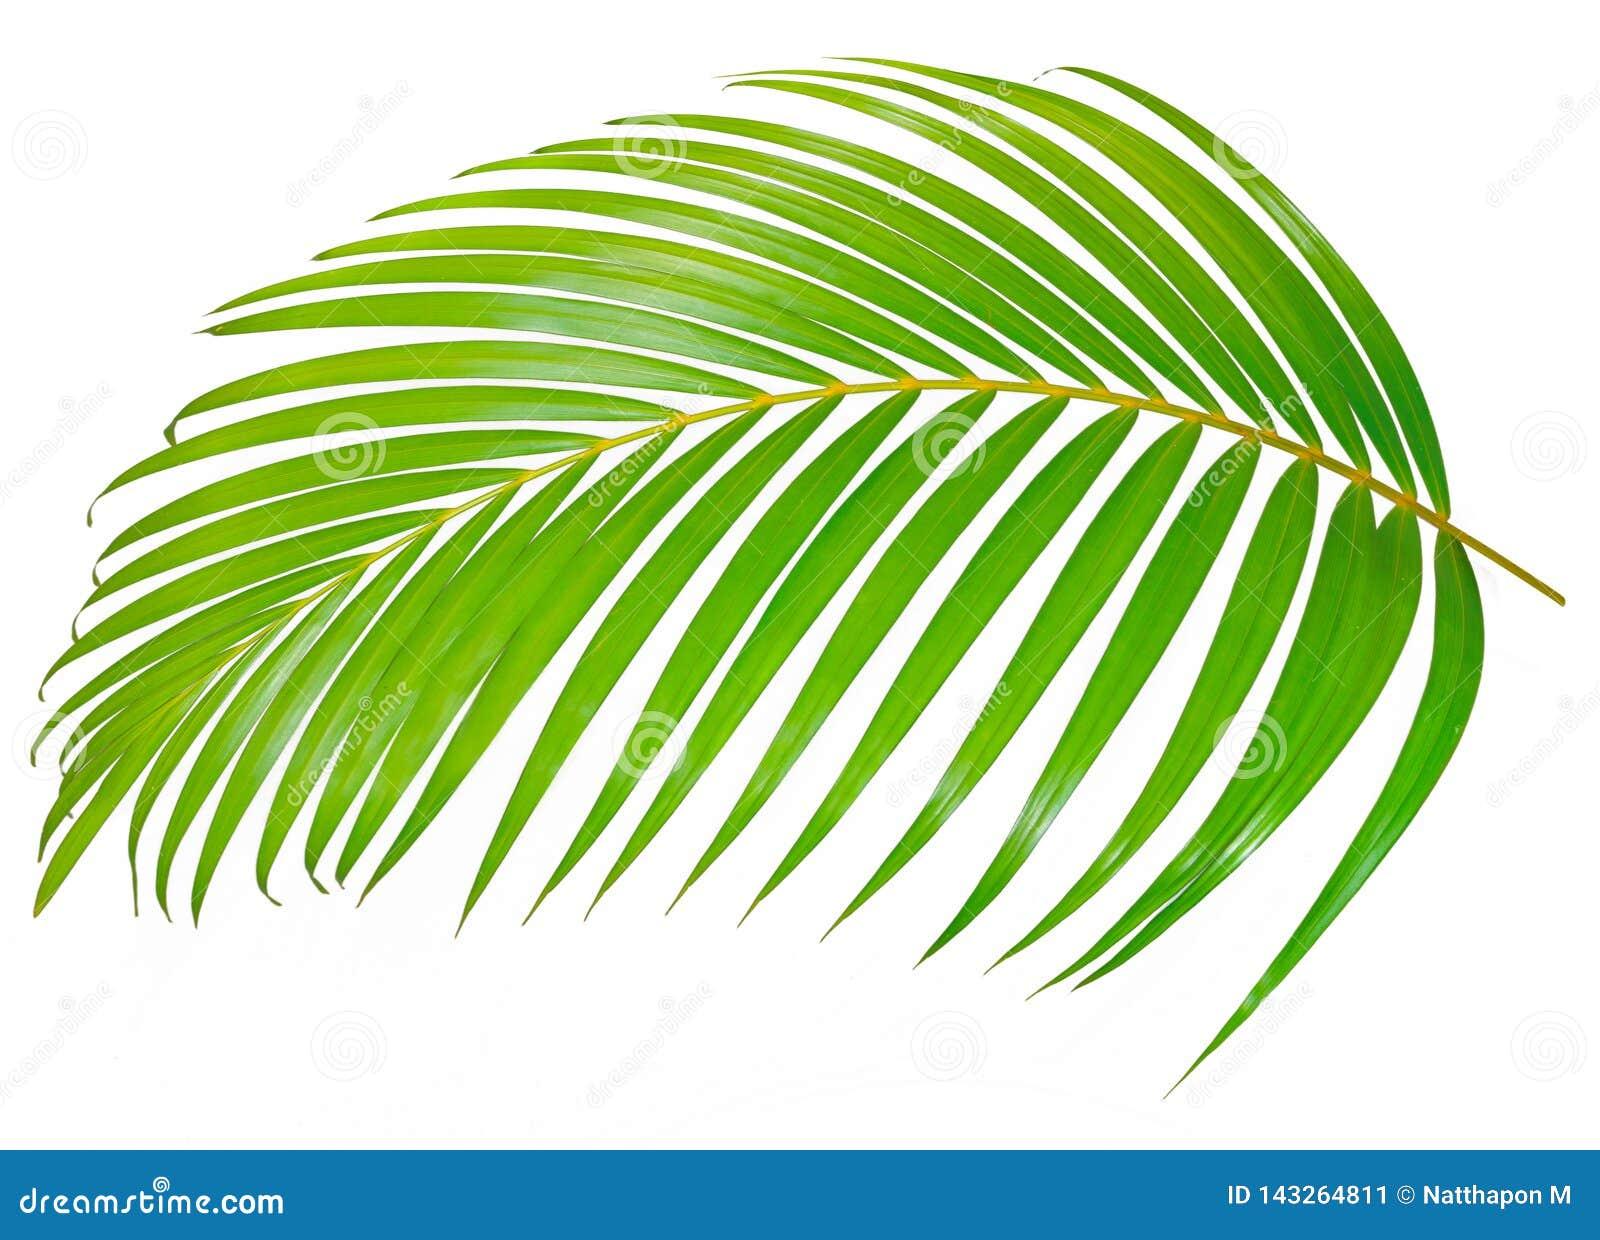 Hoja de palma verde aislada en el fondo blanco con la trayectoria de recortes